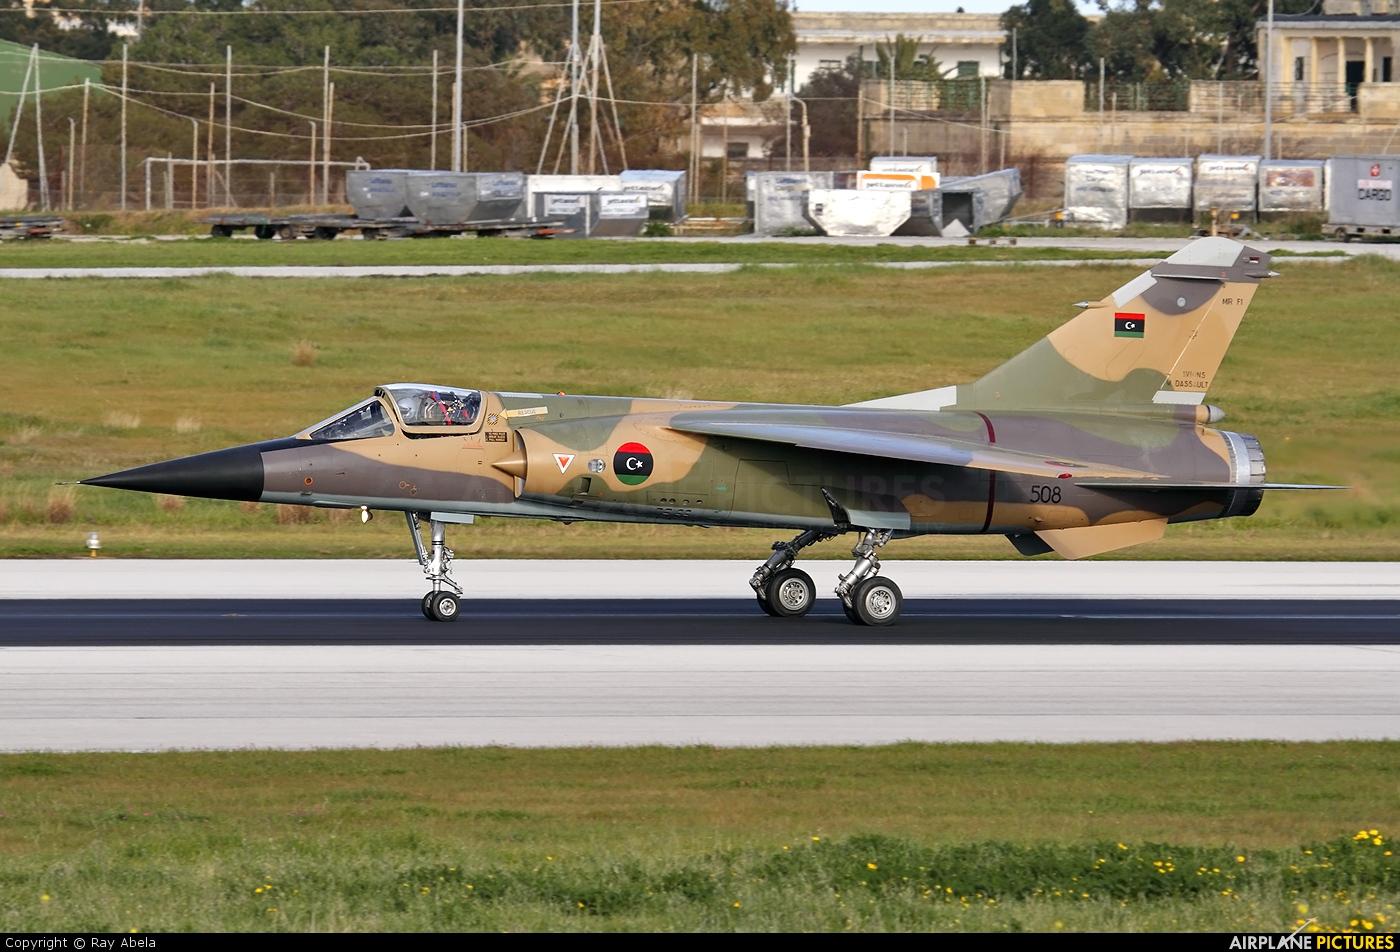 Libya - Air Force 508 aircraft at Malta Intl